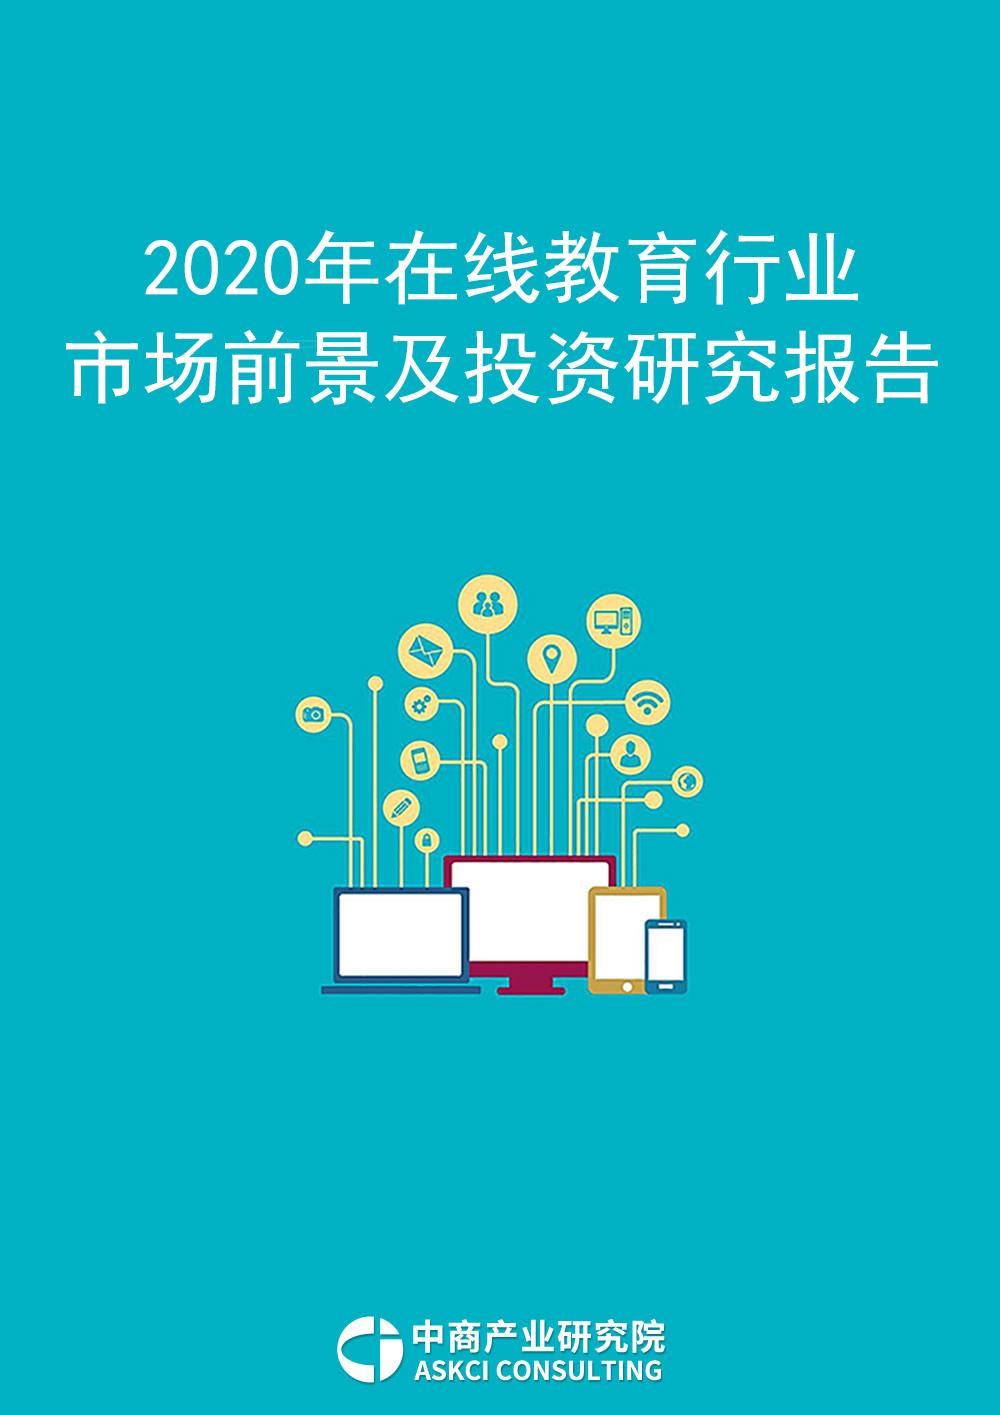 2020年在线教育行业市场前景及投资研究报告